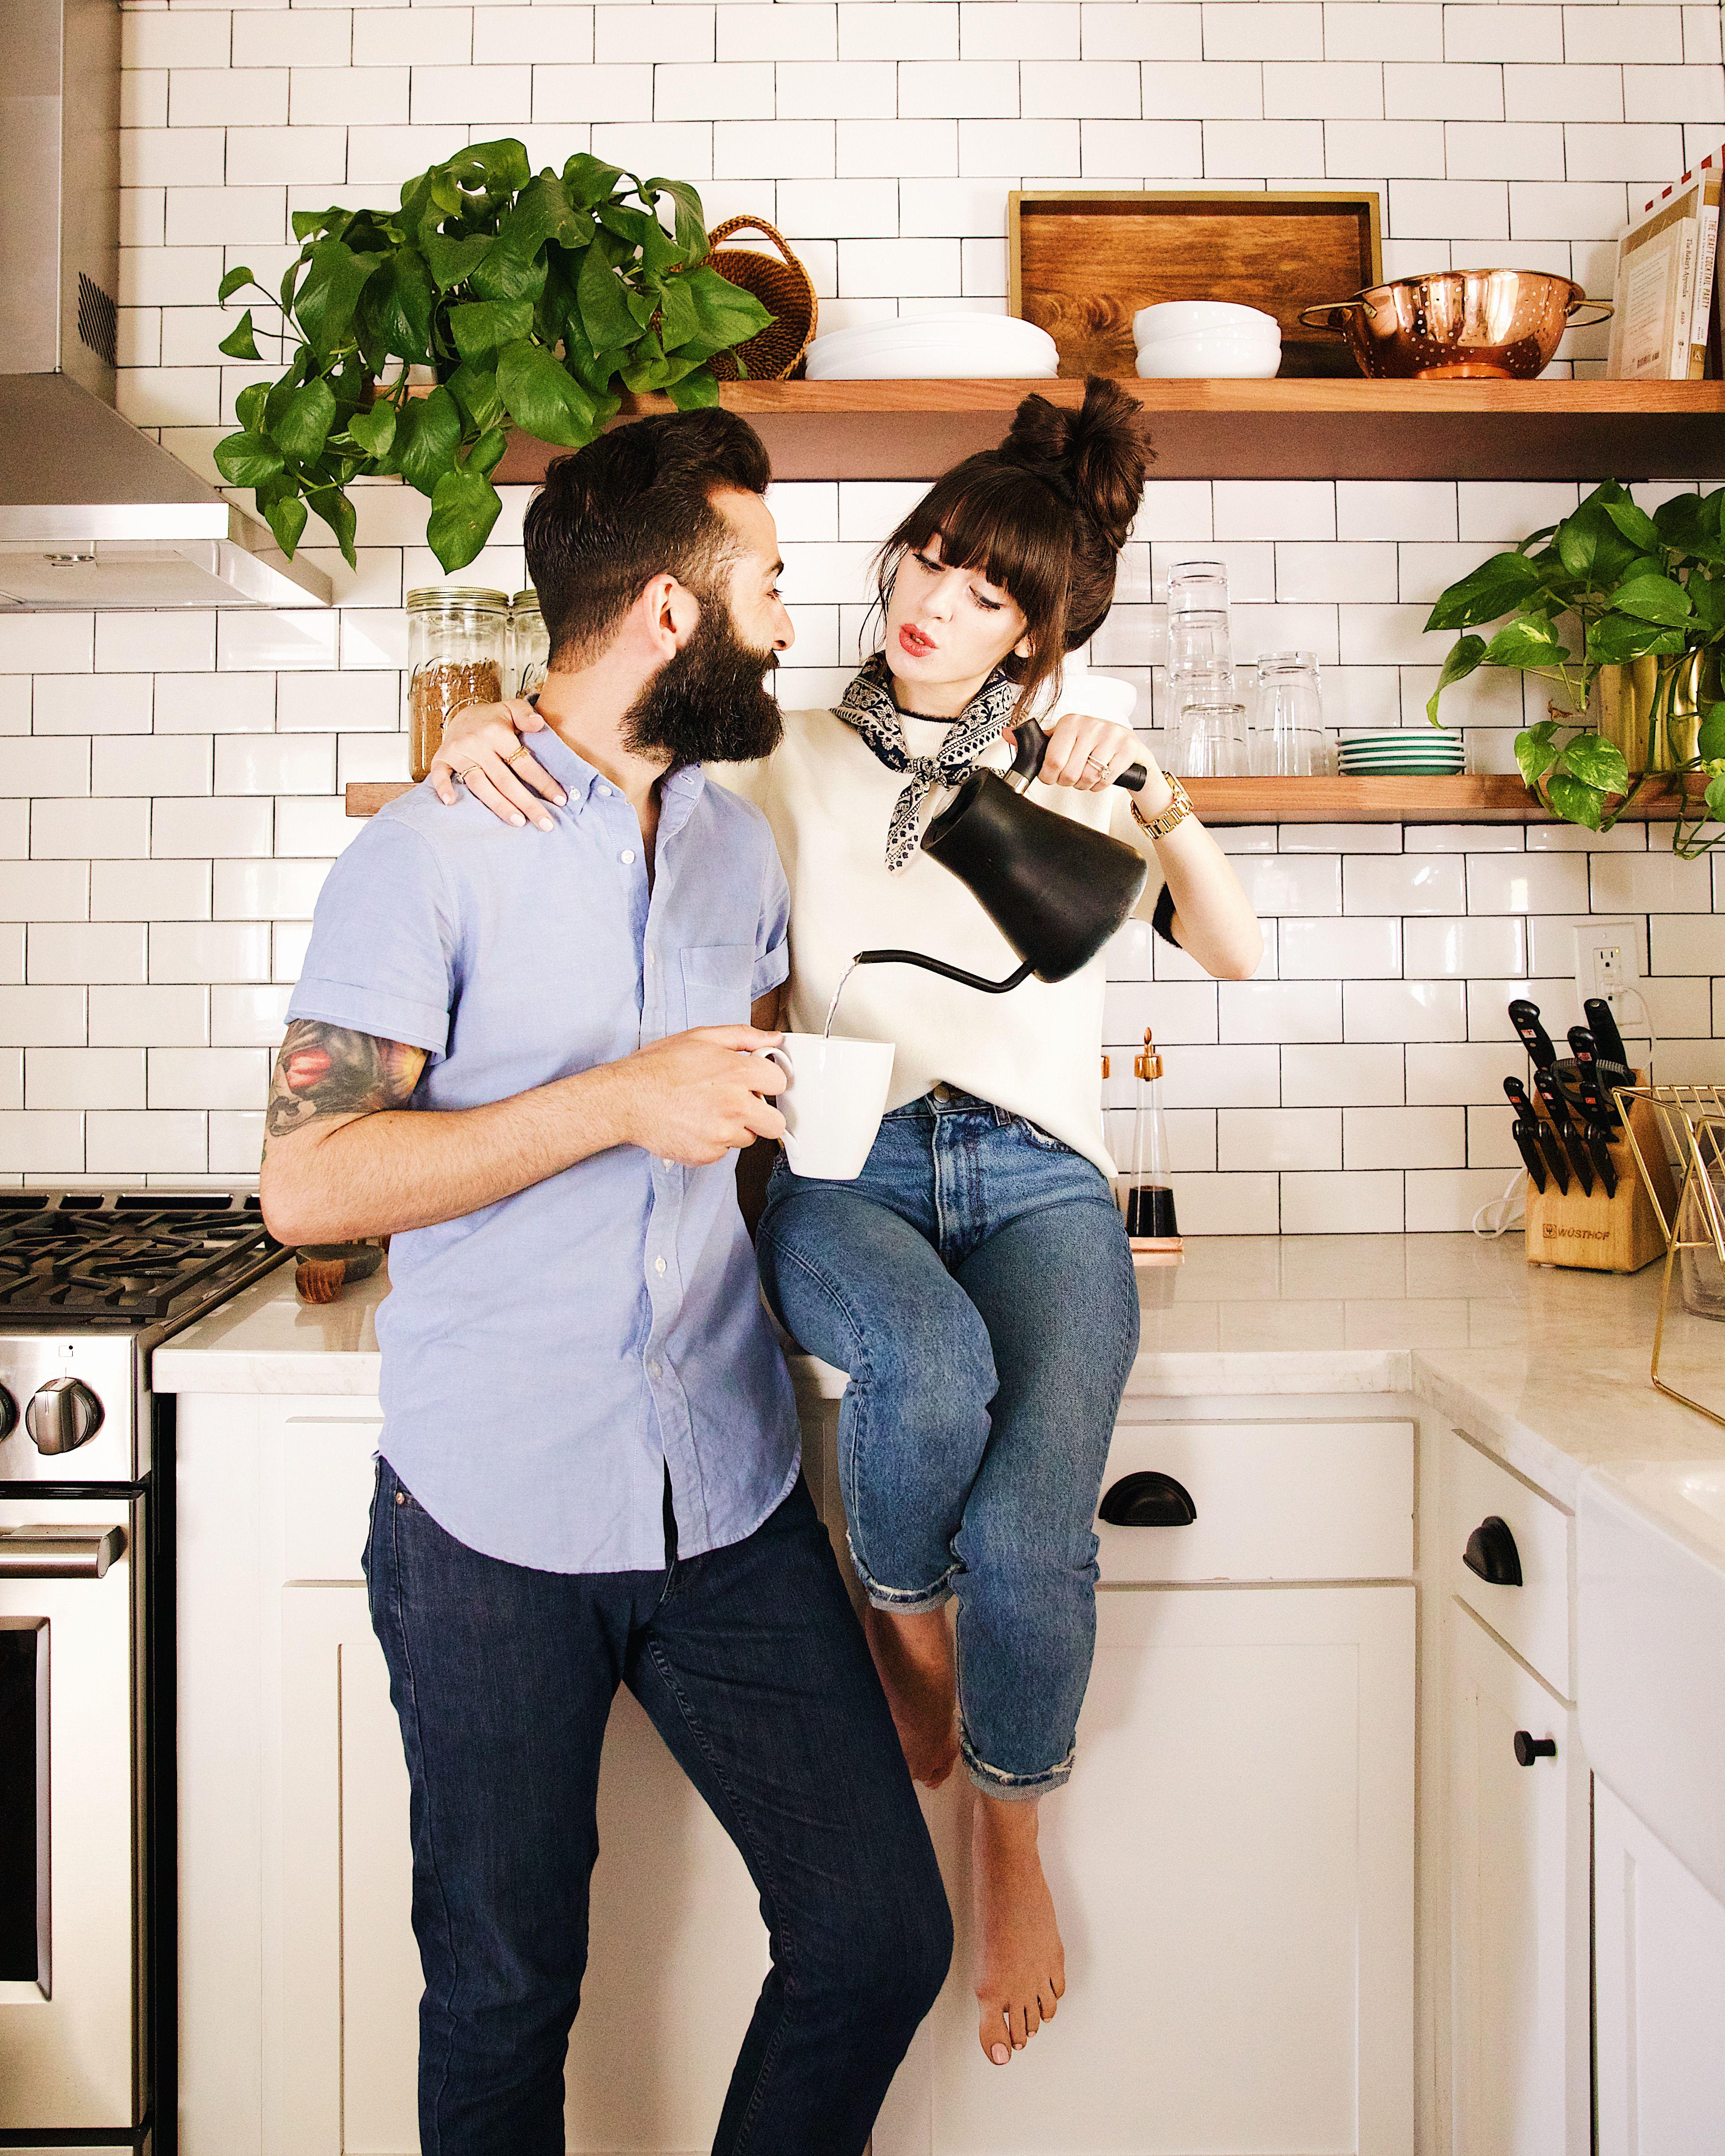 Идеи фотосессии для мужчин на кухне разбору сюжетных